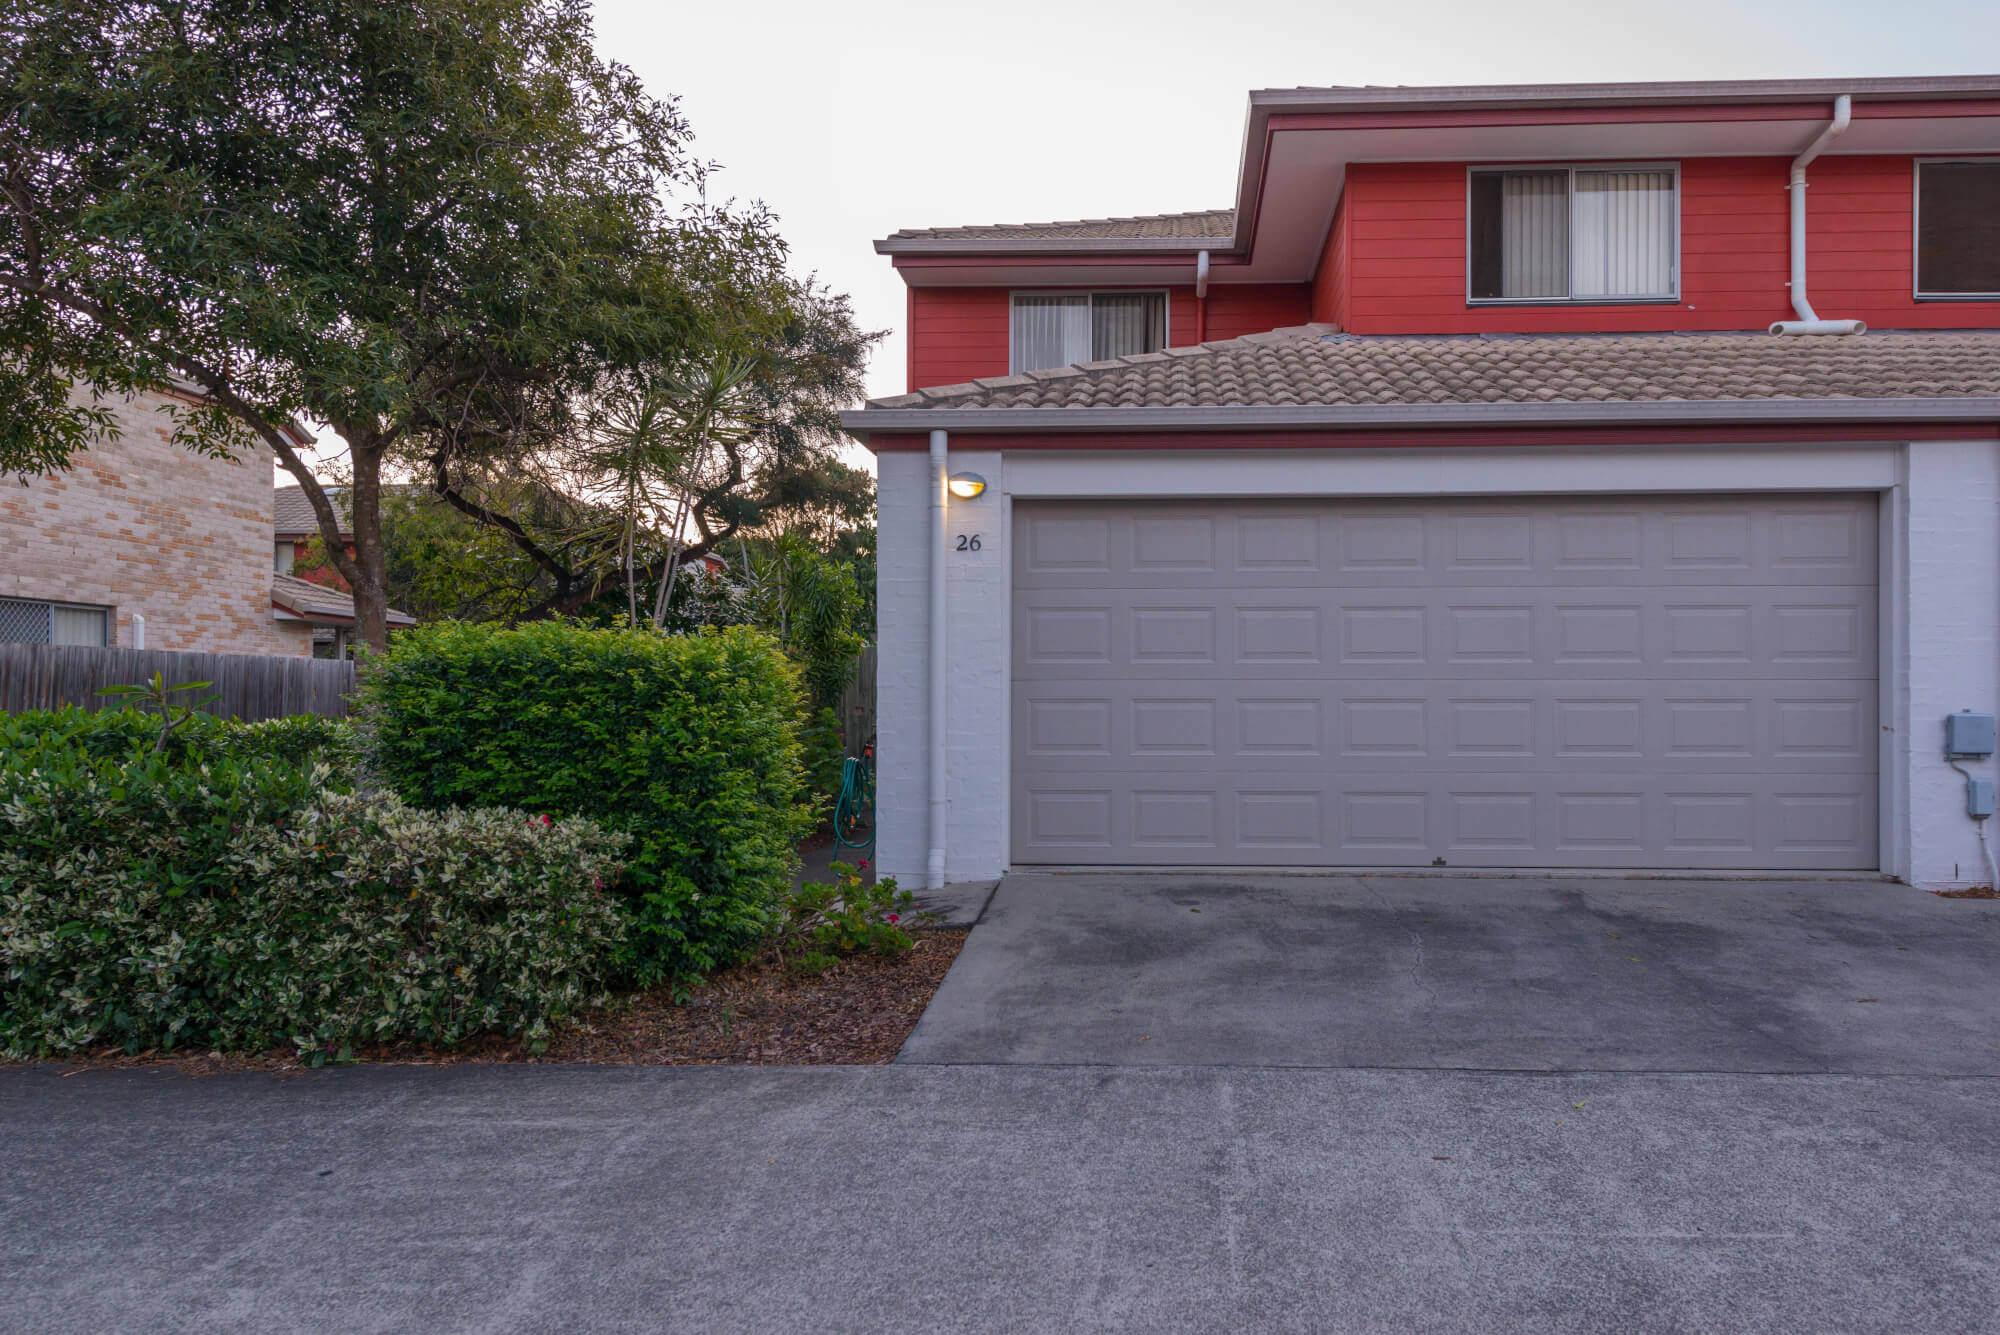 26/27 Heathwood St Taigum QLD 4018